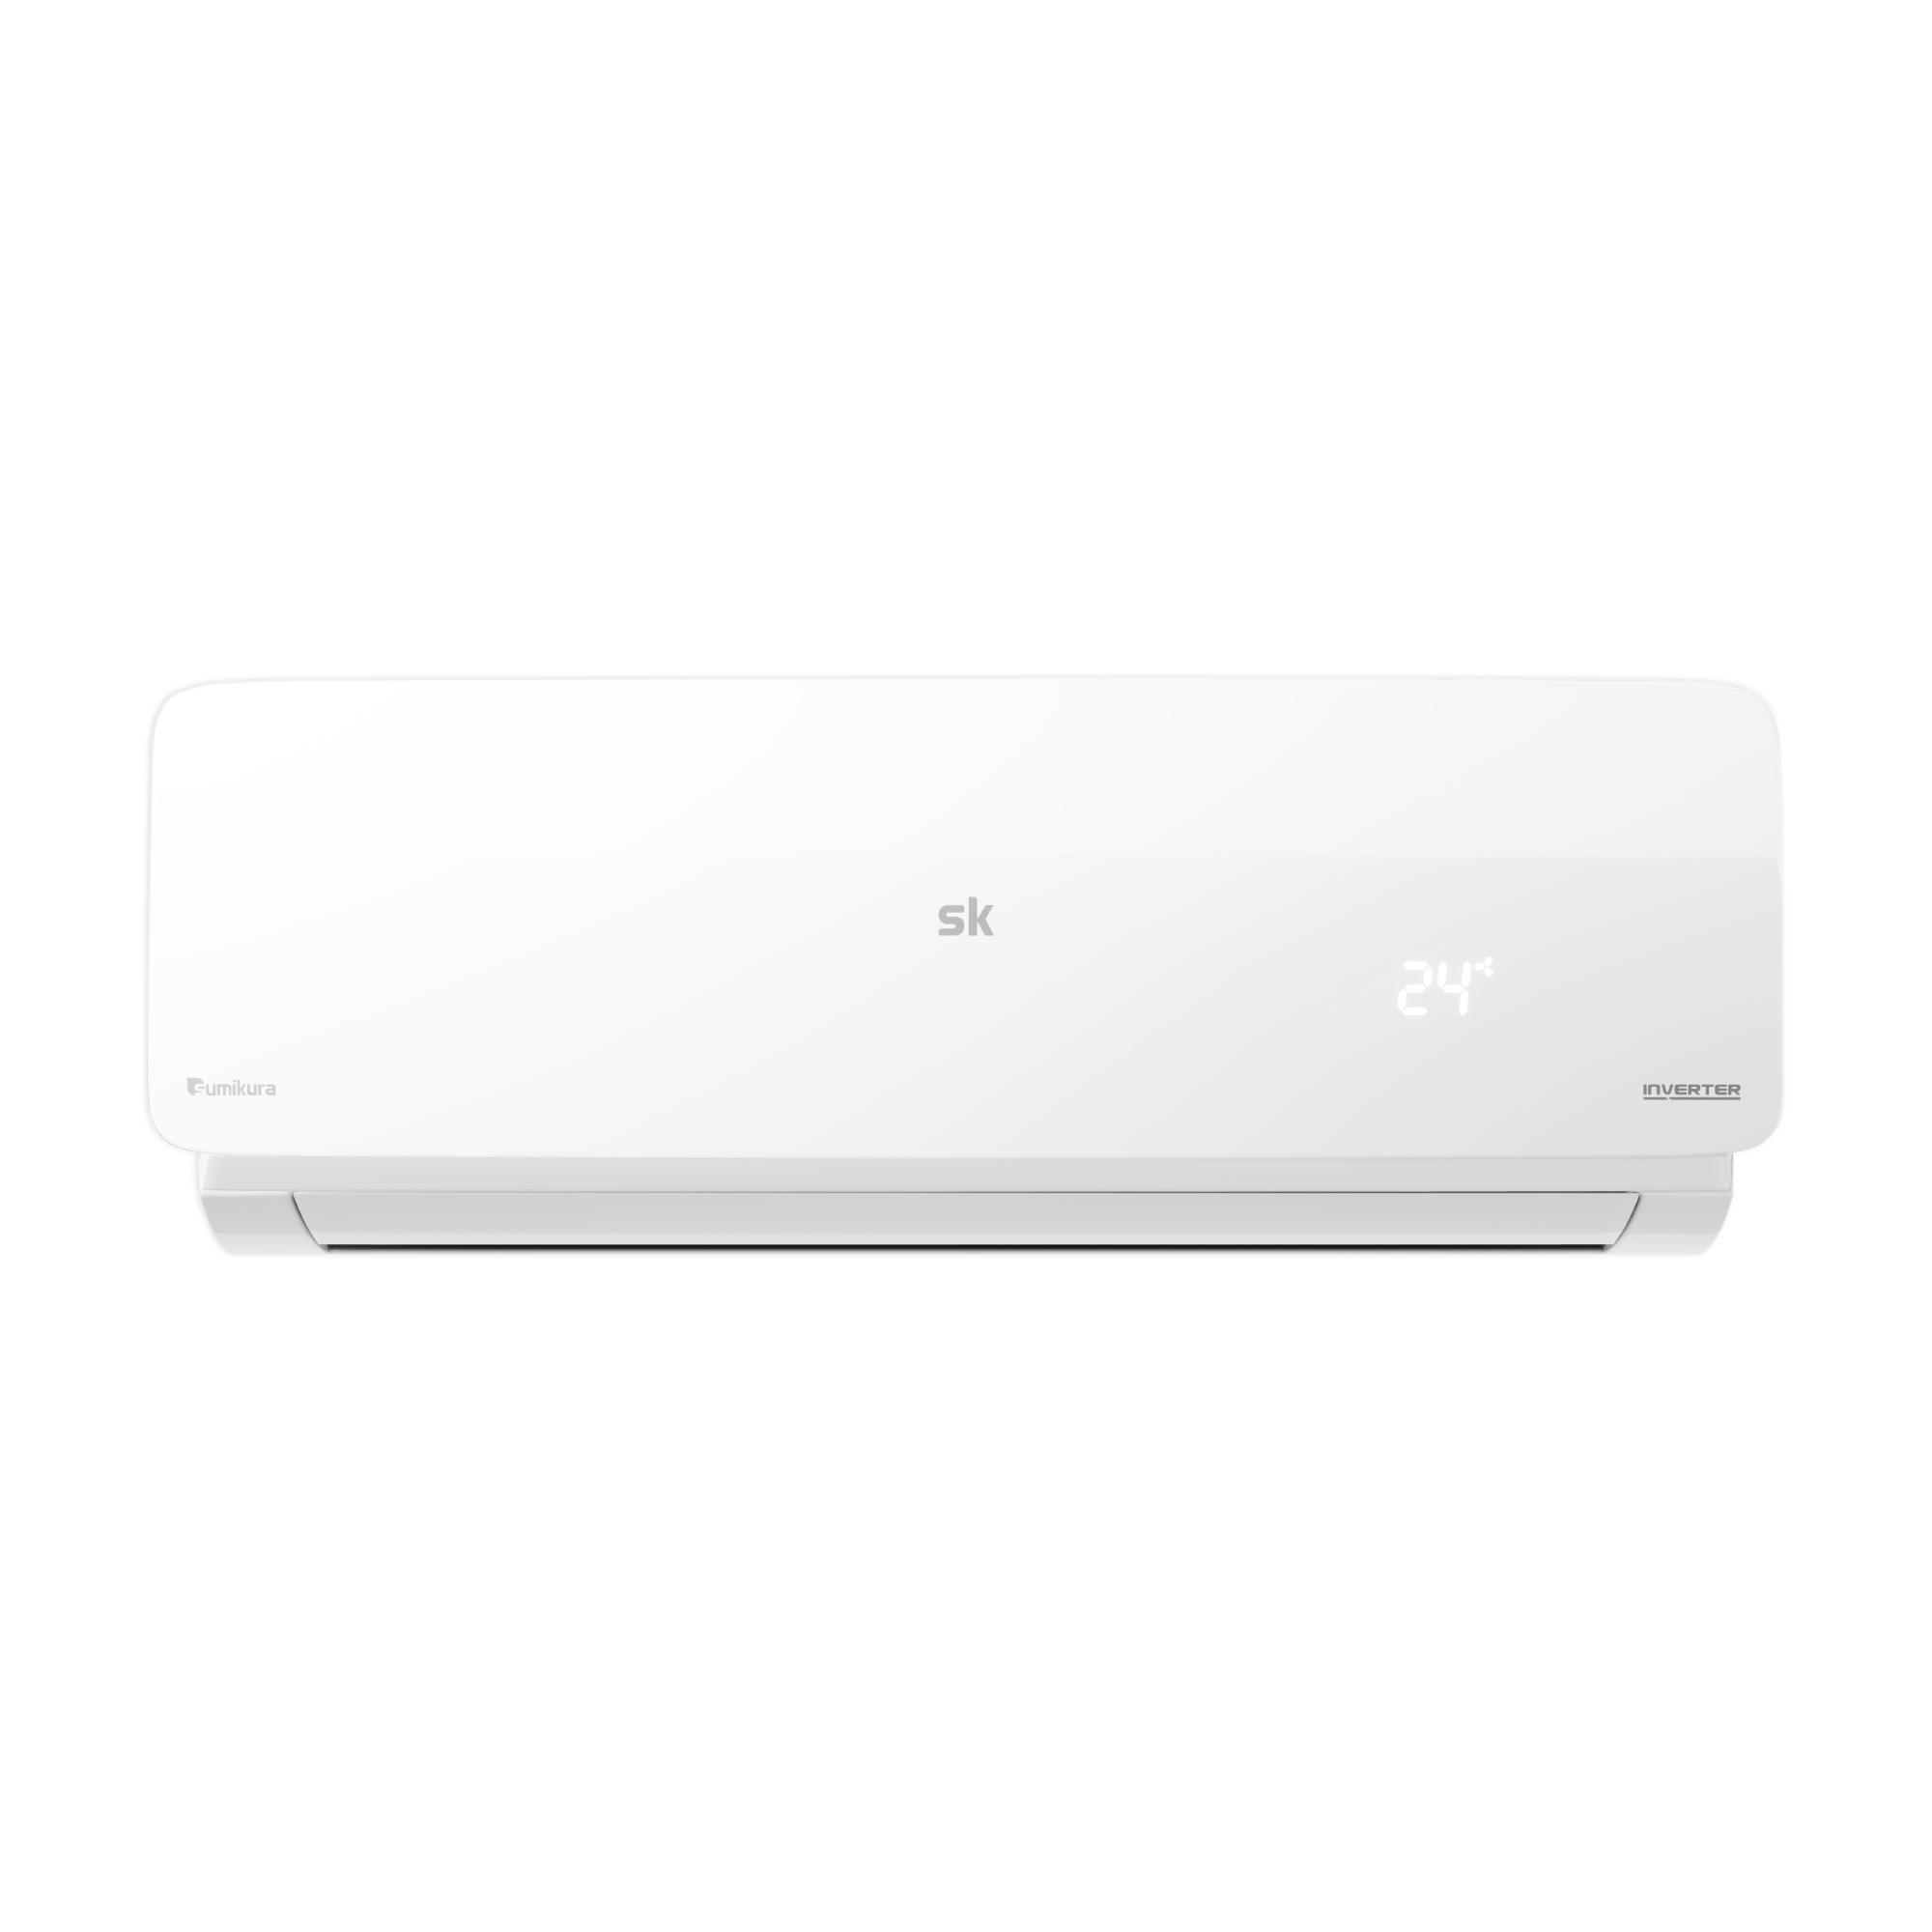 Sumikura Air Conditioner Inverter SK-(H)092 (1.0Hp)